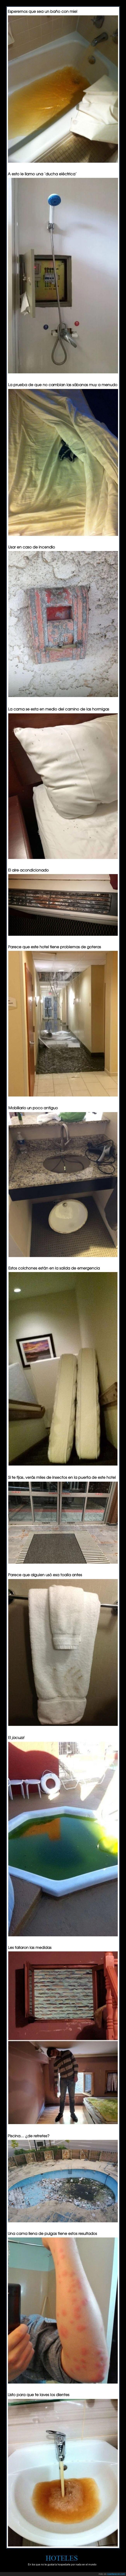 fails,hoteles,peores